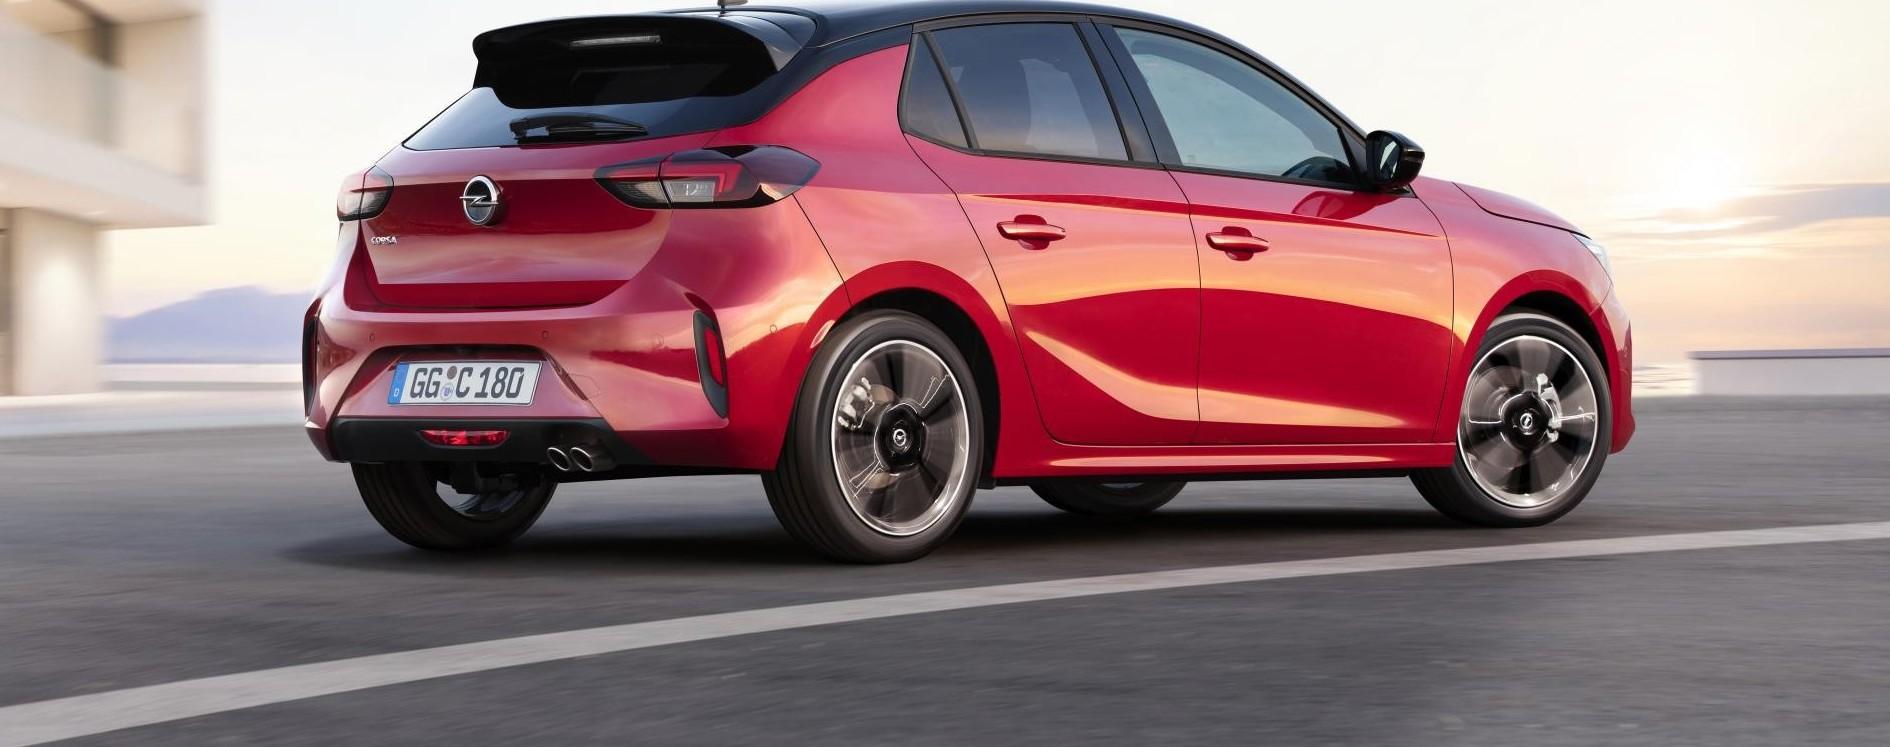 Opel Corsa 2020 nuovo modello. Motori, l